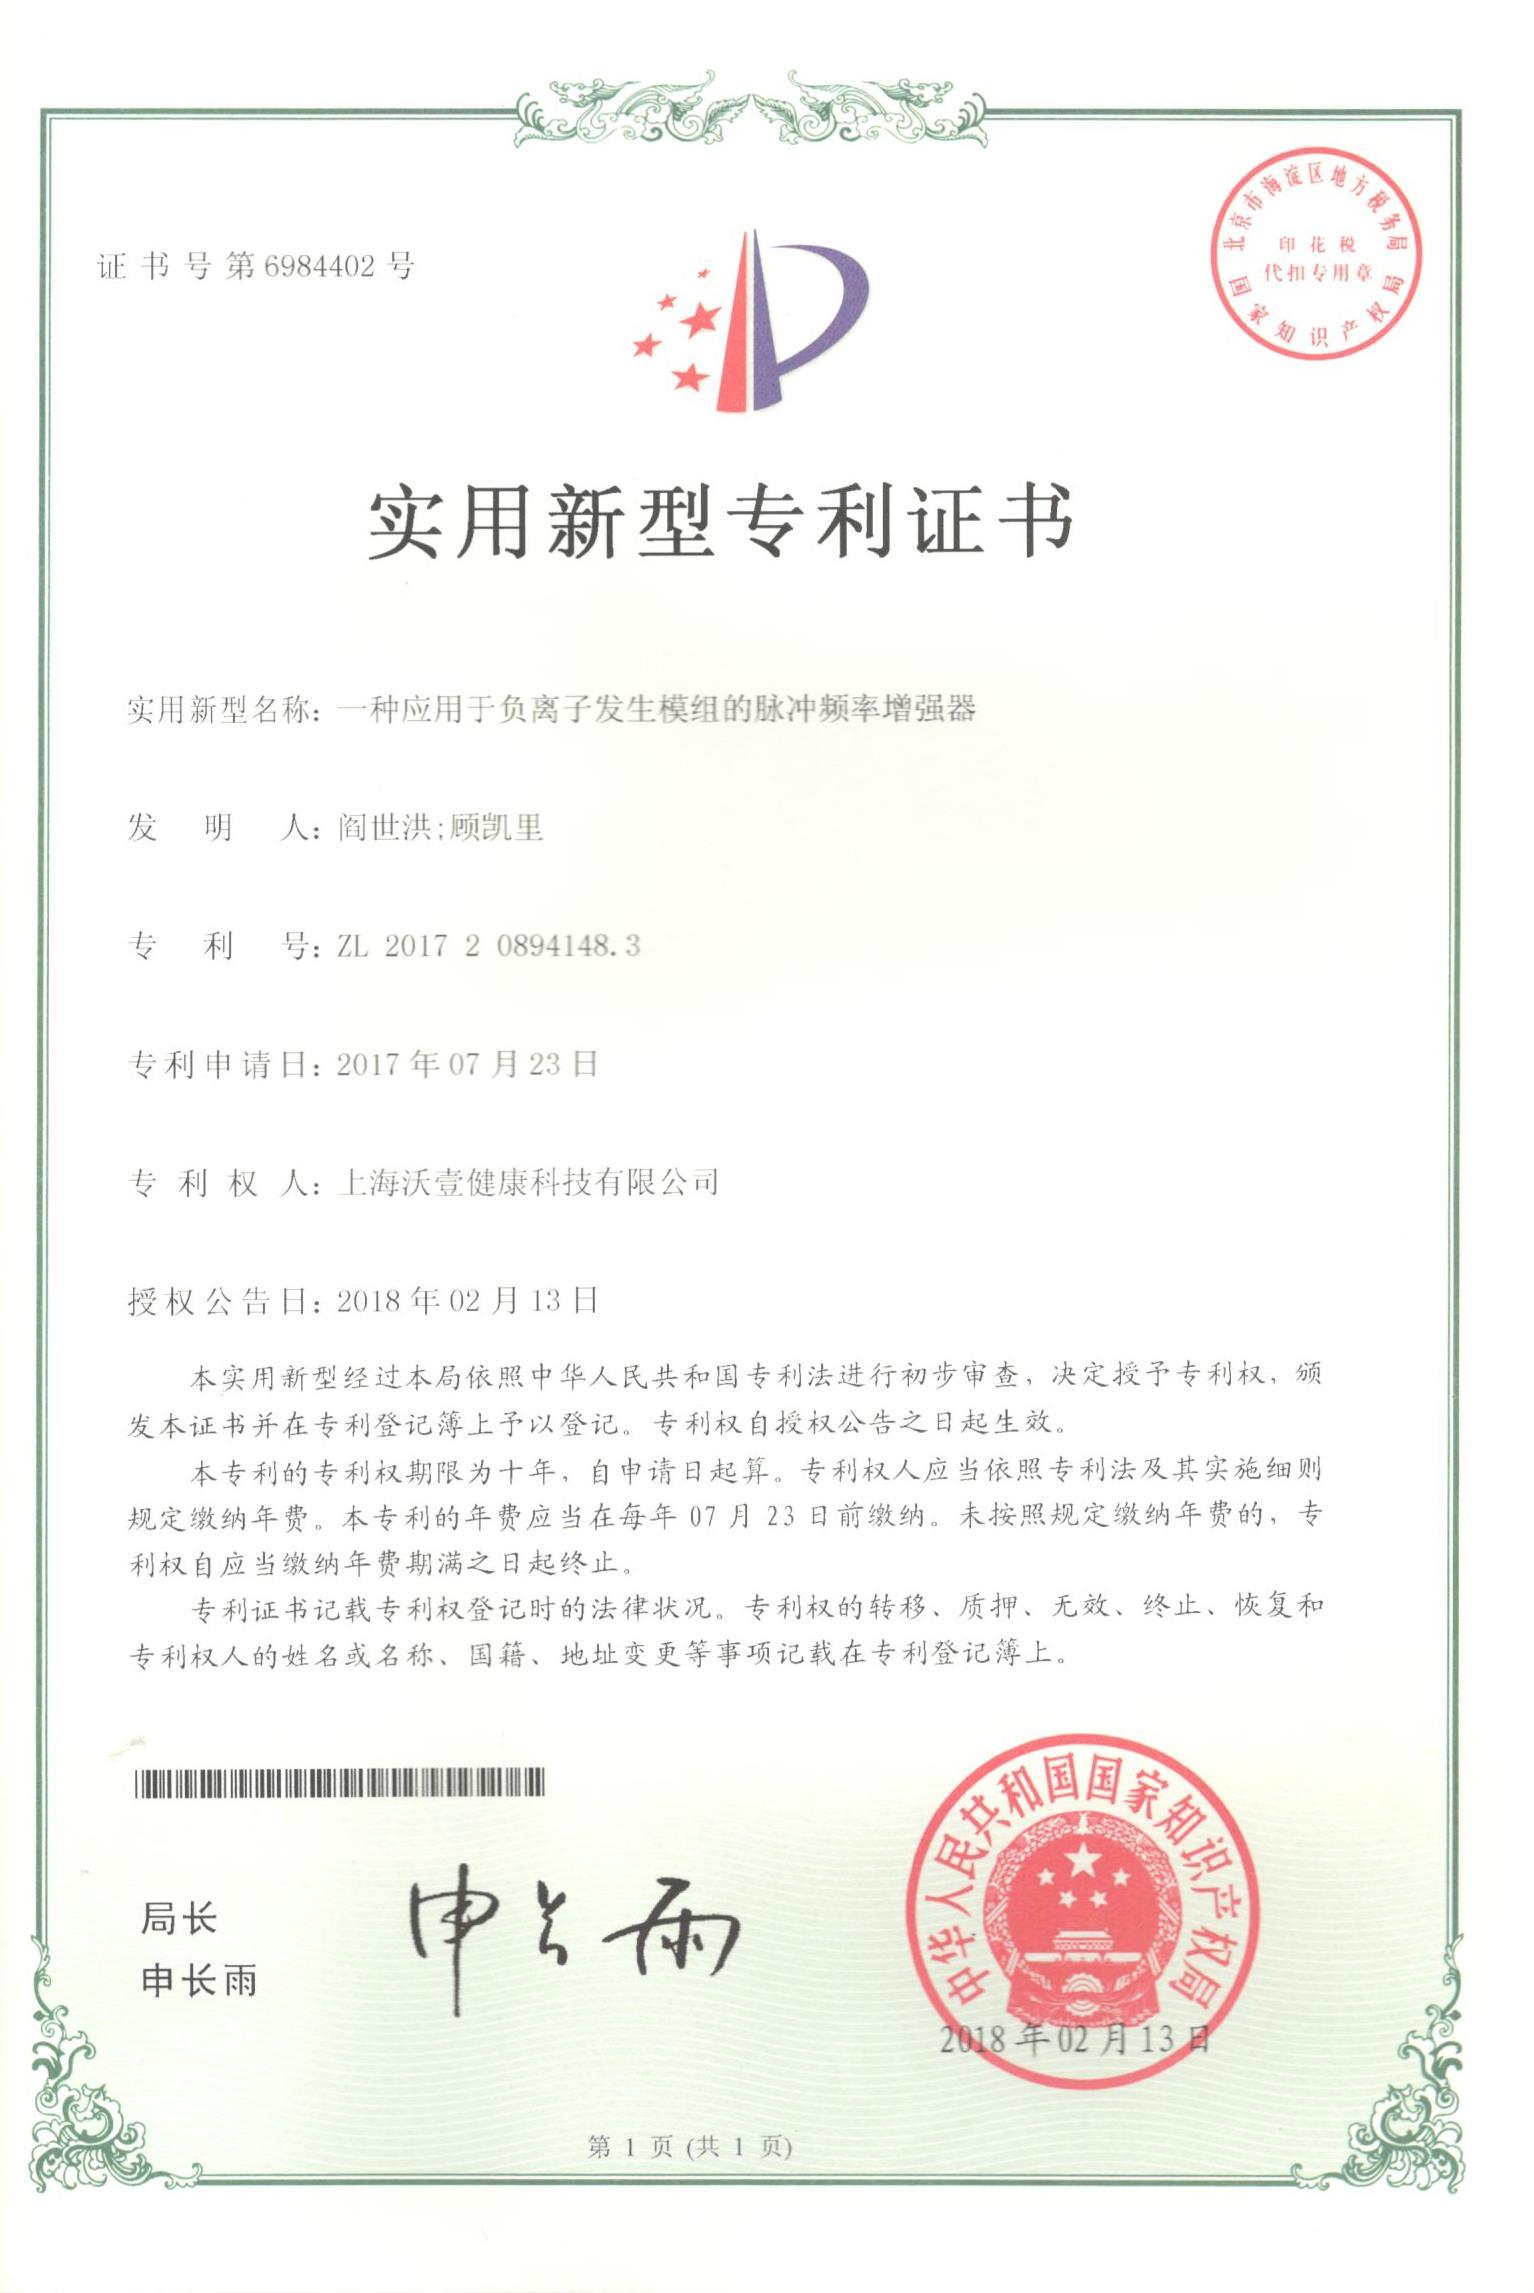 实用新型专利:一种应用于负离子发生模组的脉冲频率增强器